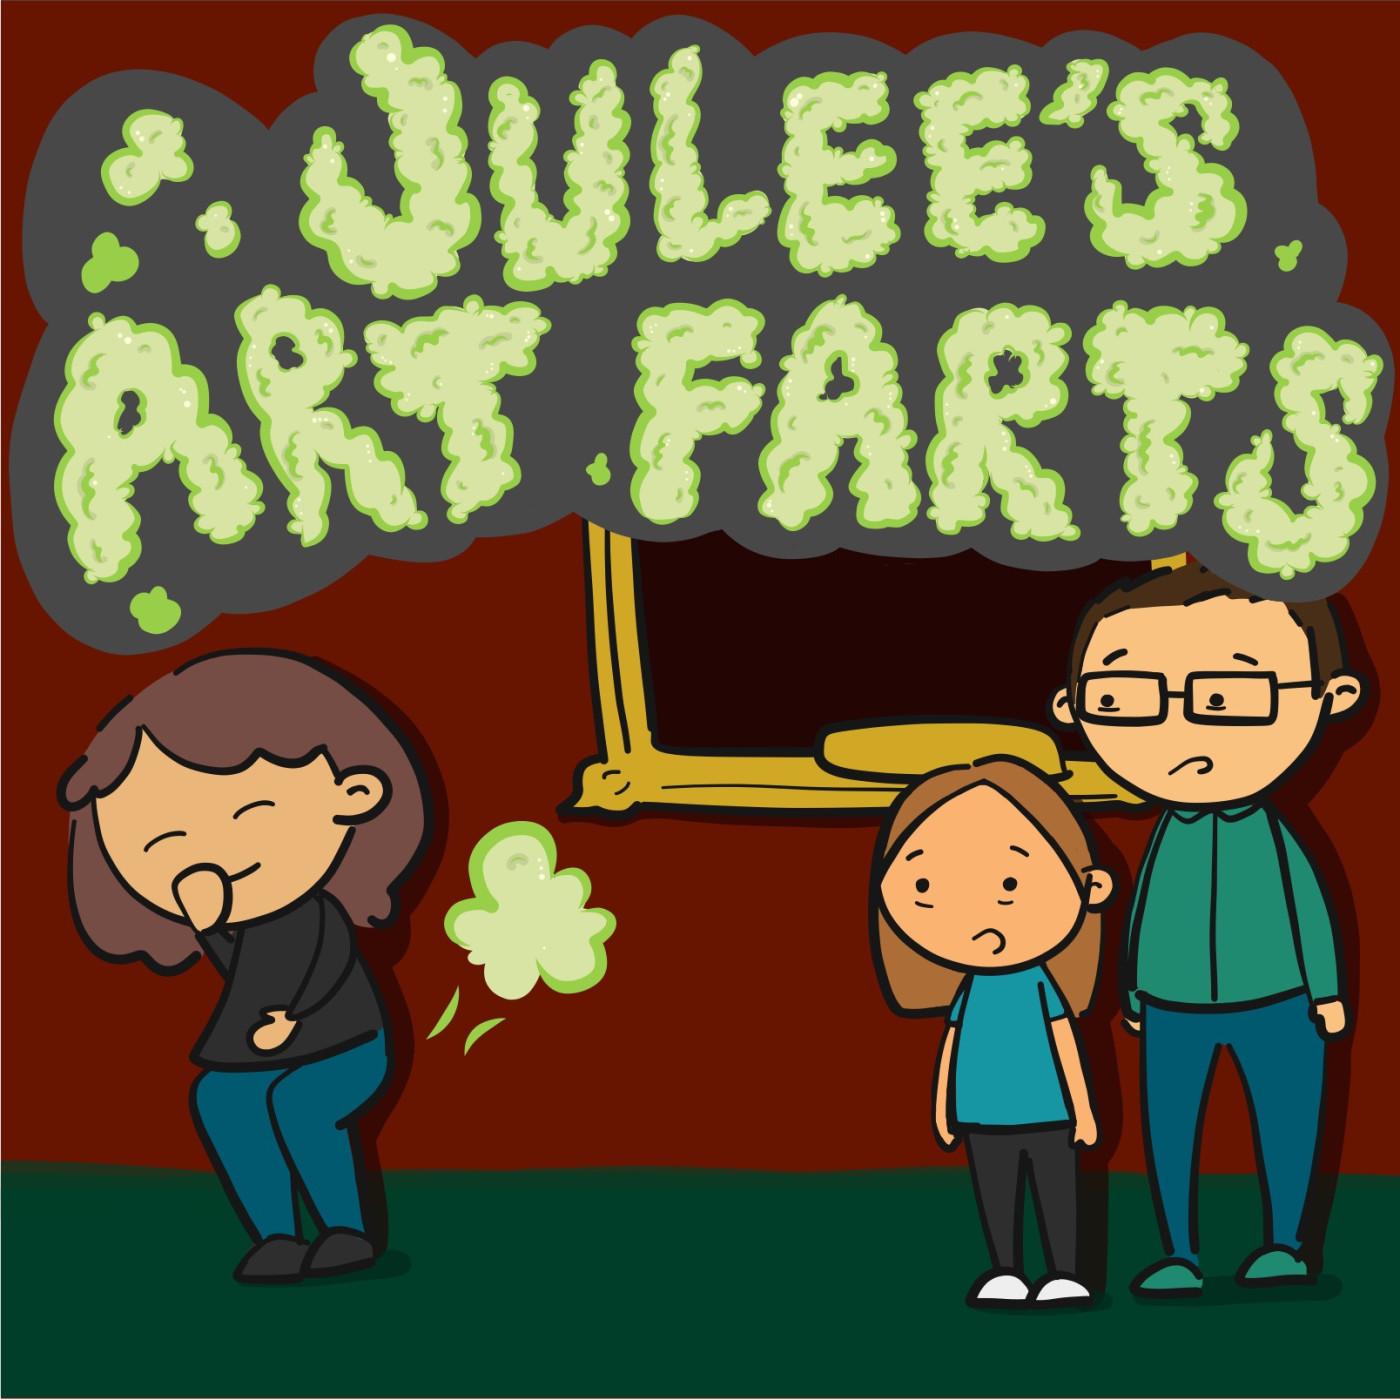 Julee's Art Farts